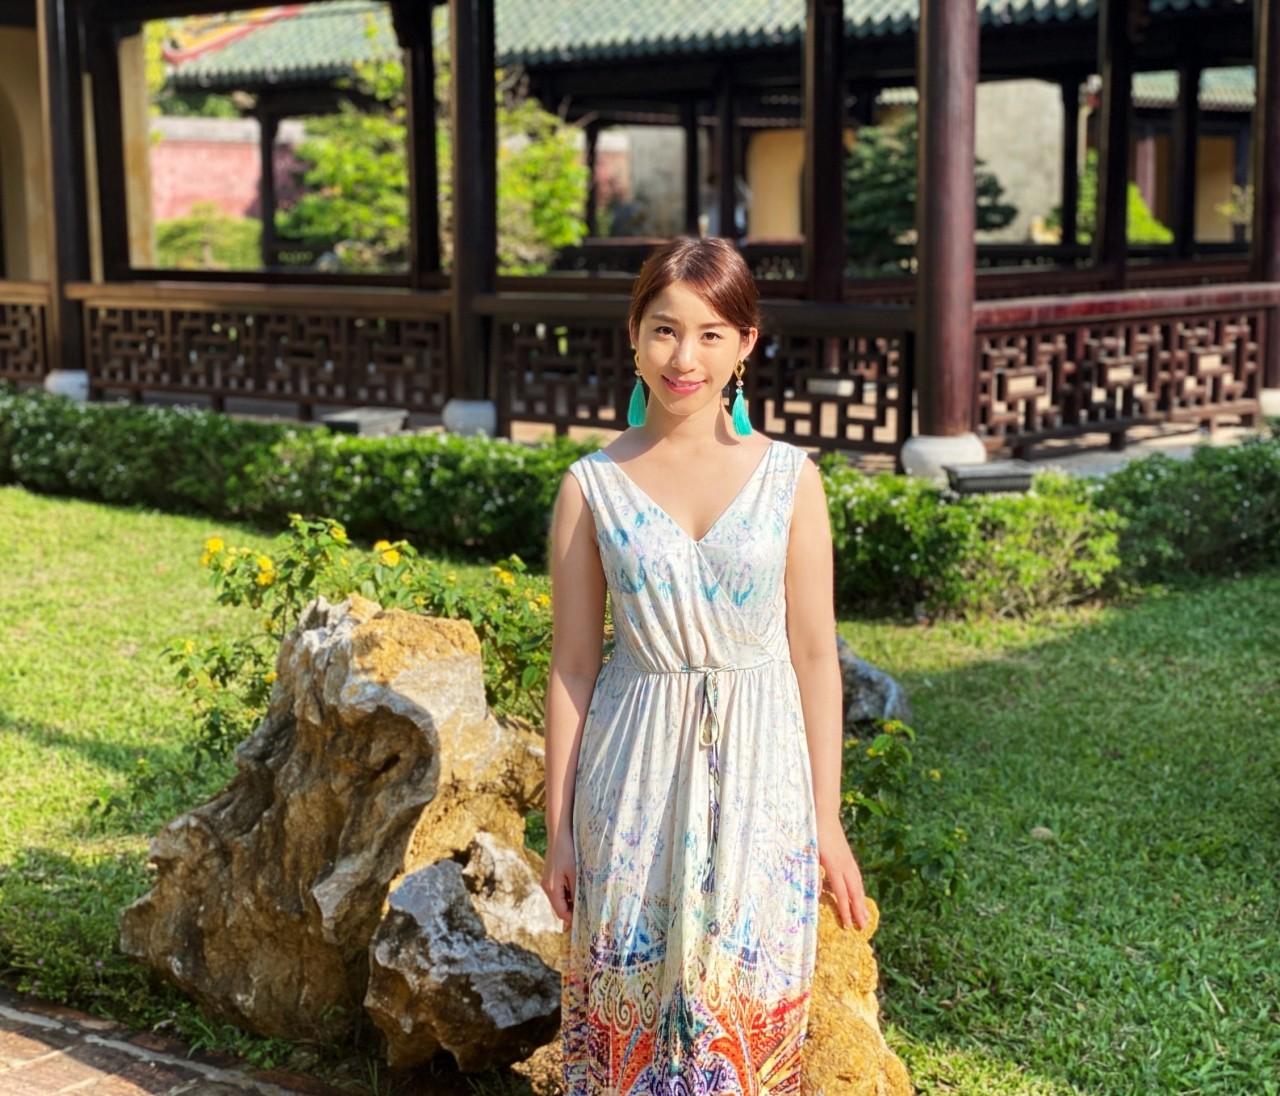 ベトナム〜フエ旅行♡ベトナム最後の王朝